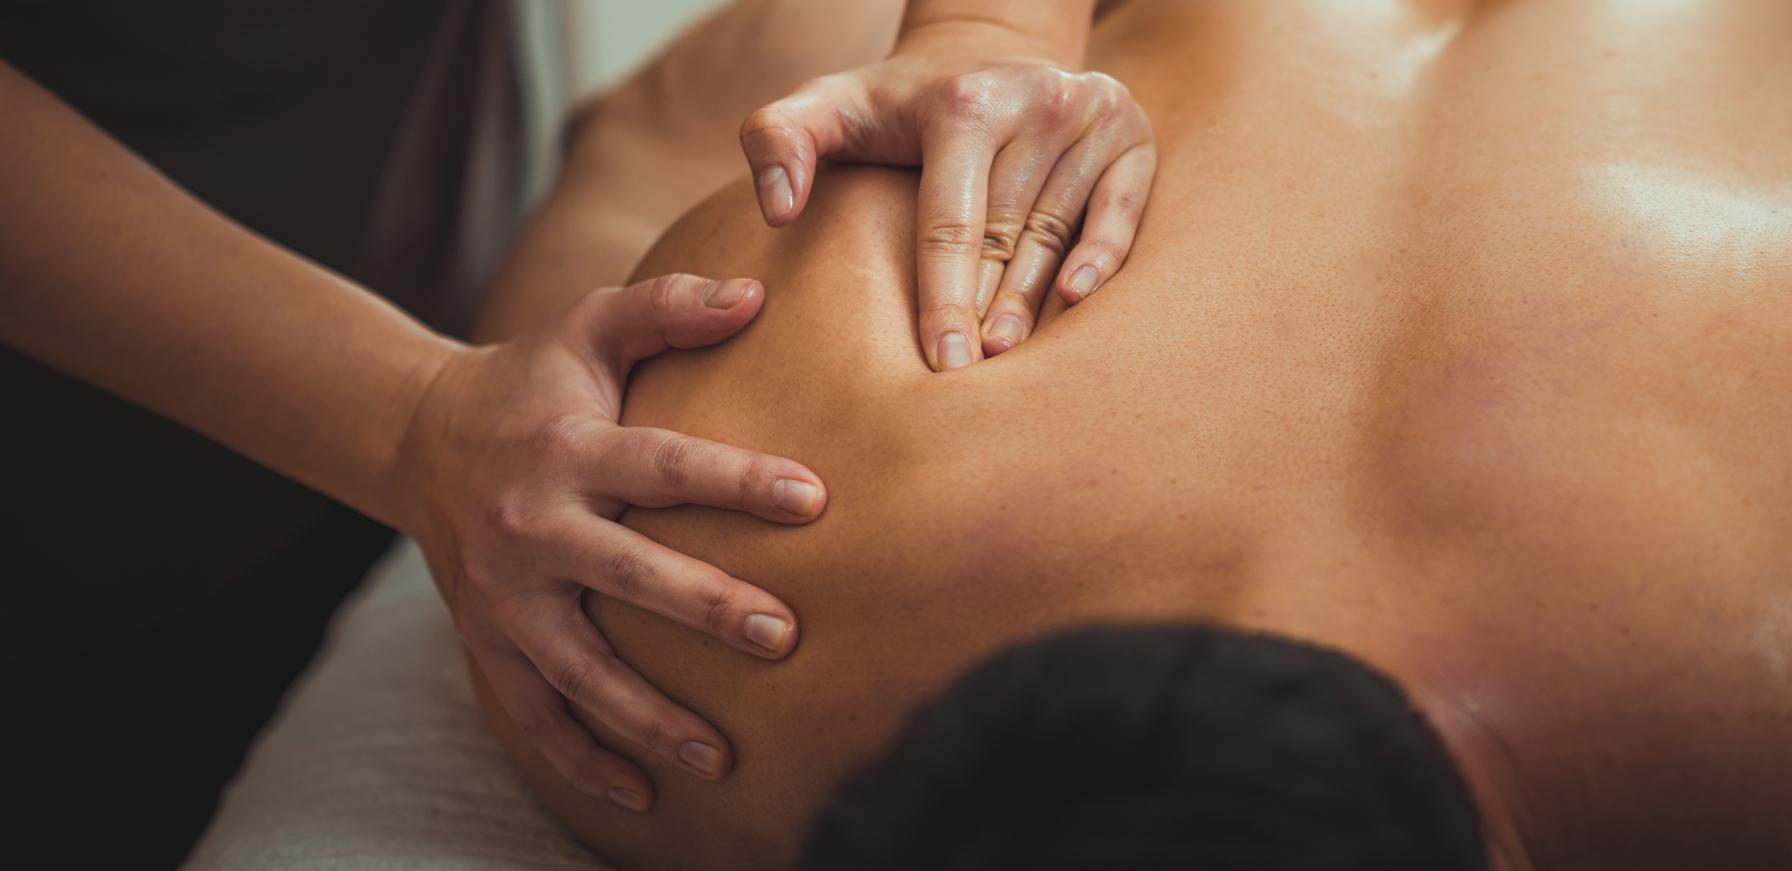 Praxis-fuer-Physiotherapie-Muhl-und-Pallokat-GbR – Am Klagesmarkt Massage